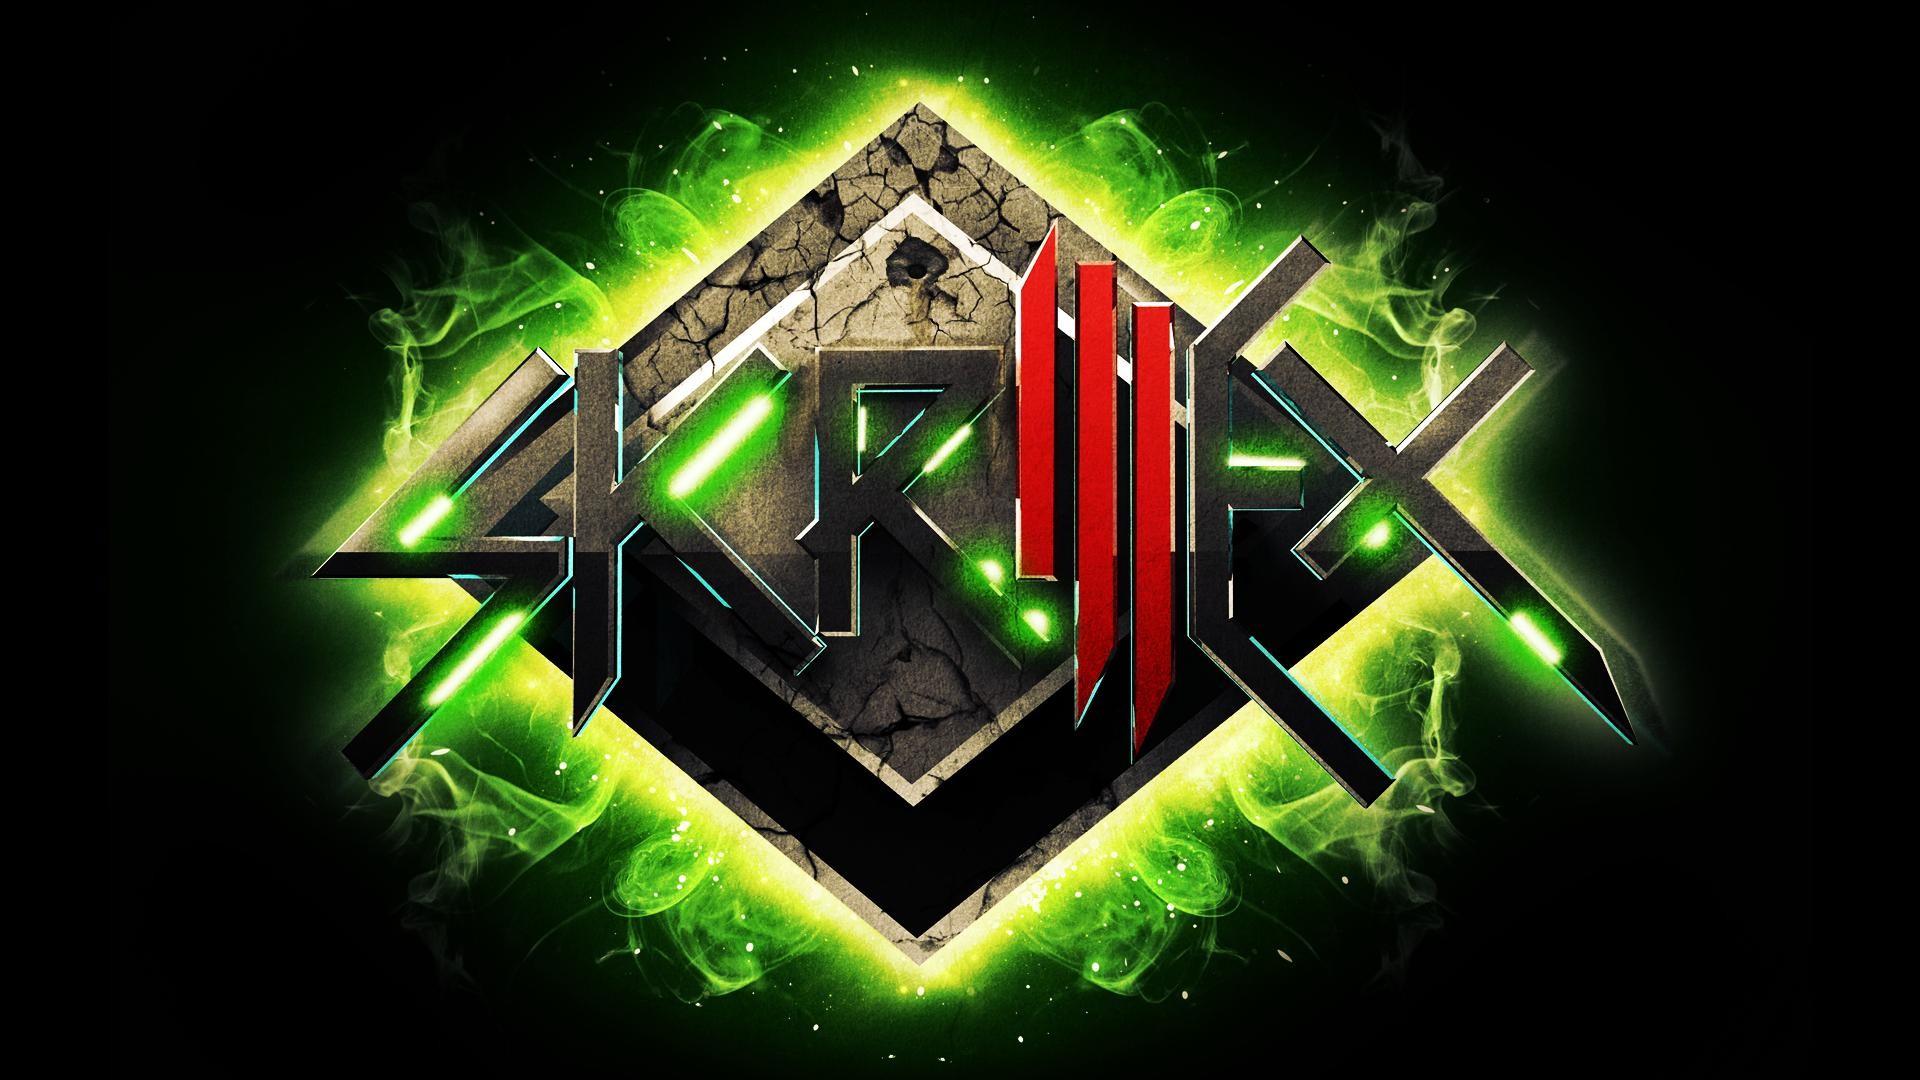 Skrillex wallpaper download free awesome backgrounds for desktop 1713919g voltagebd Gallery